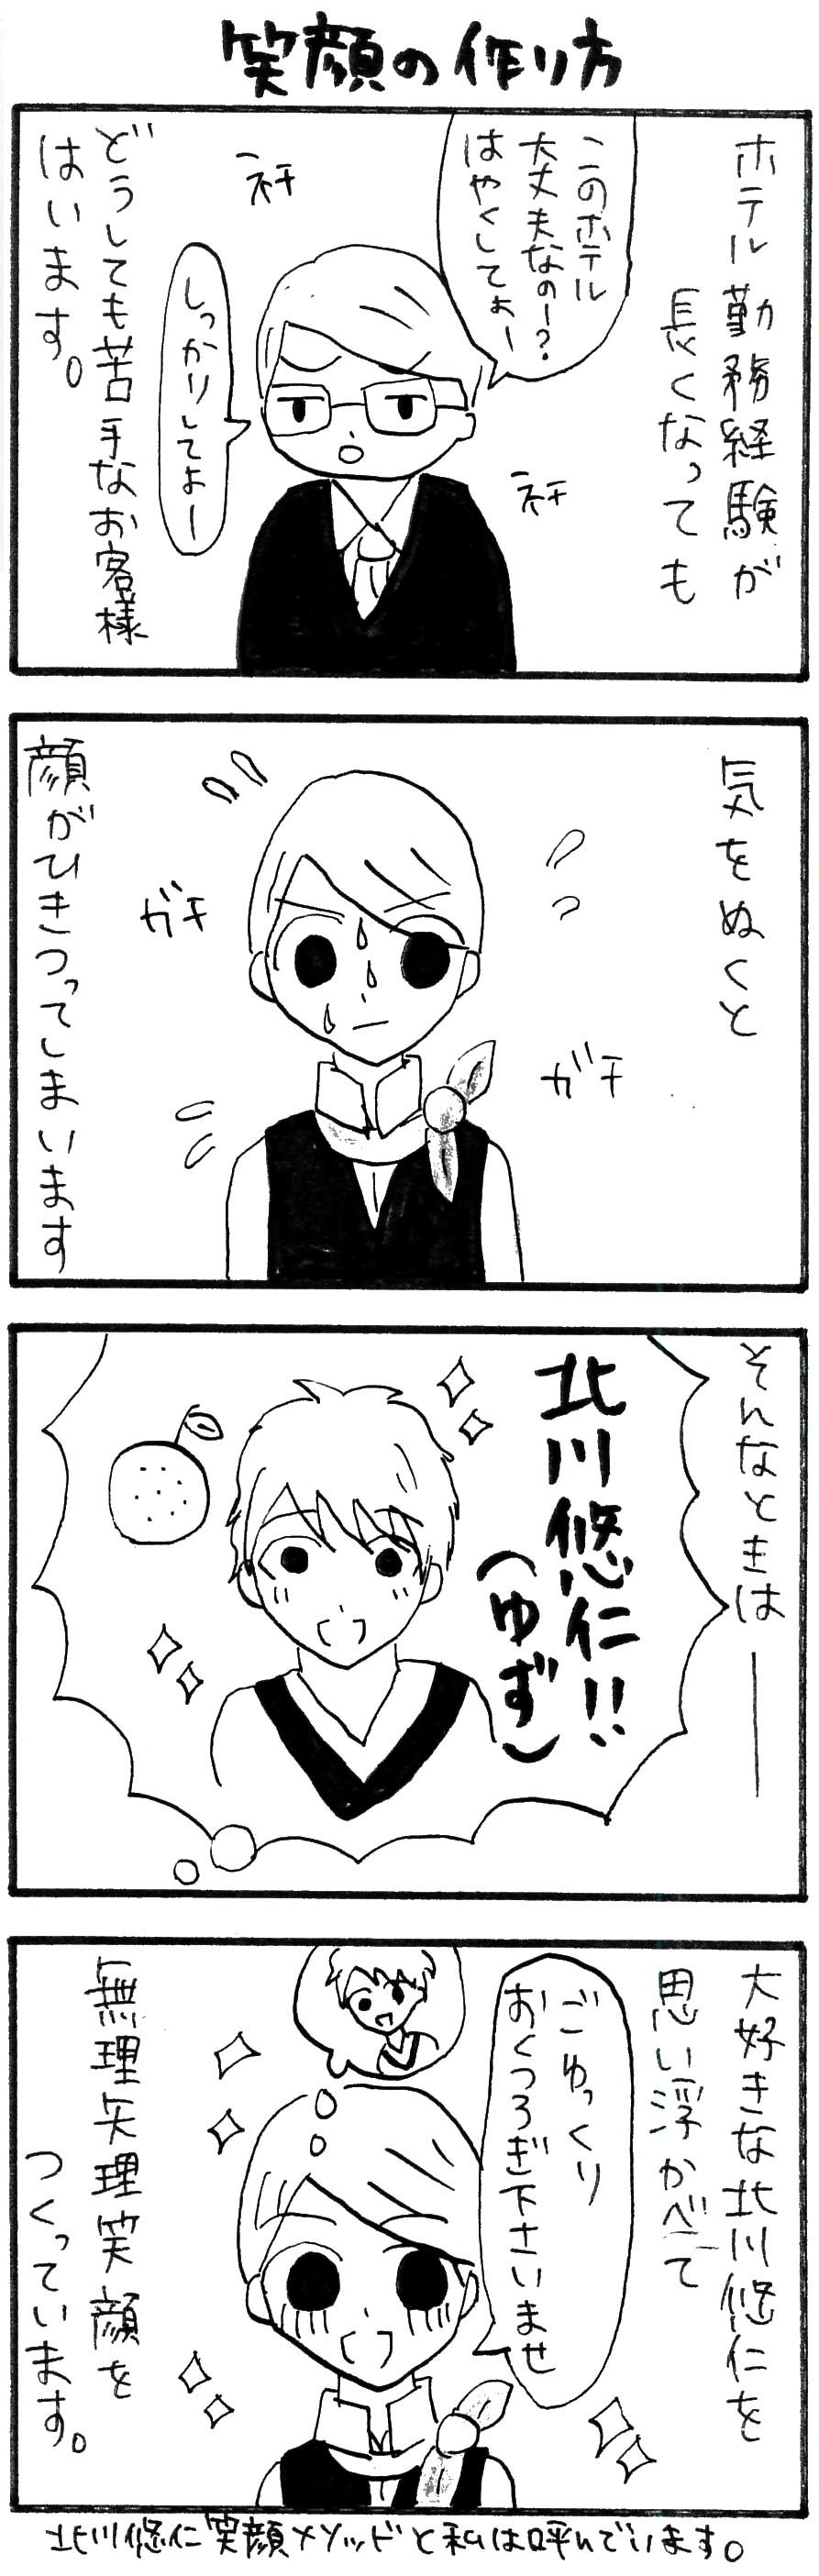 笑顔の作り方1